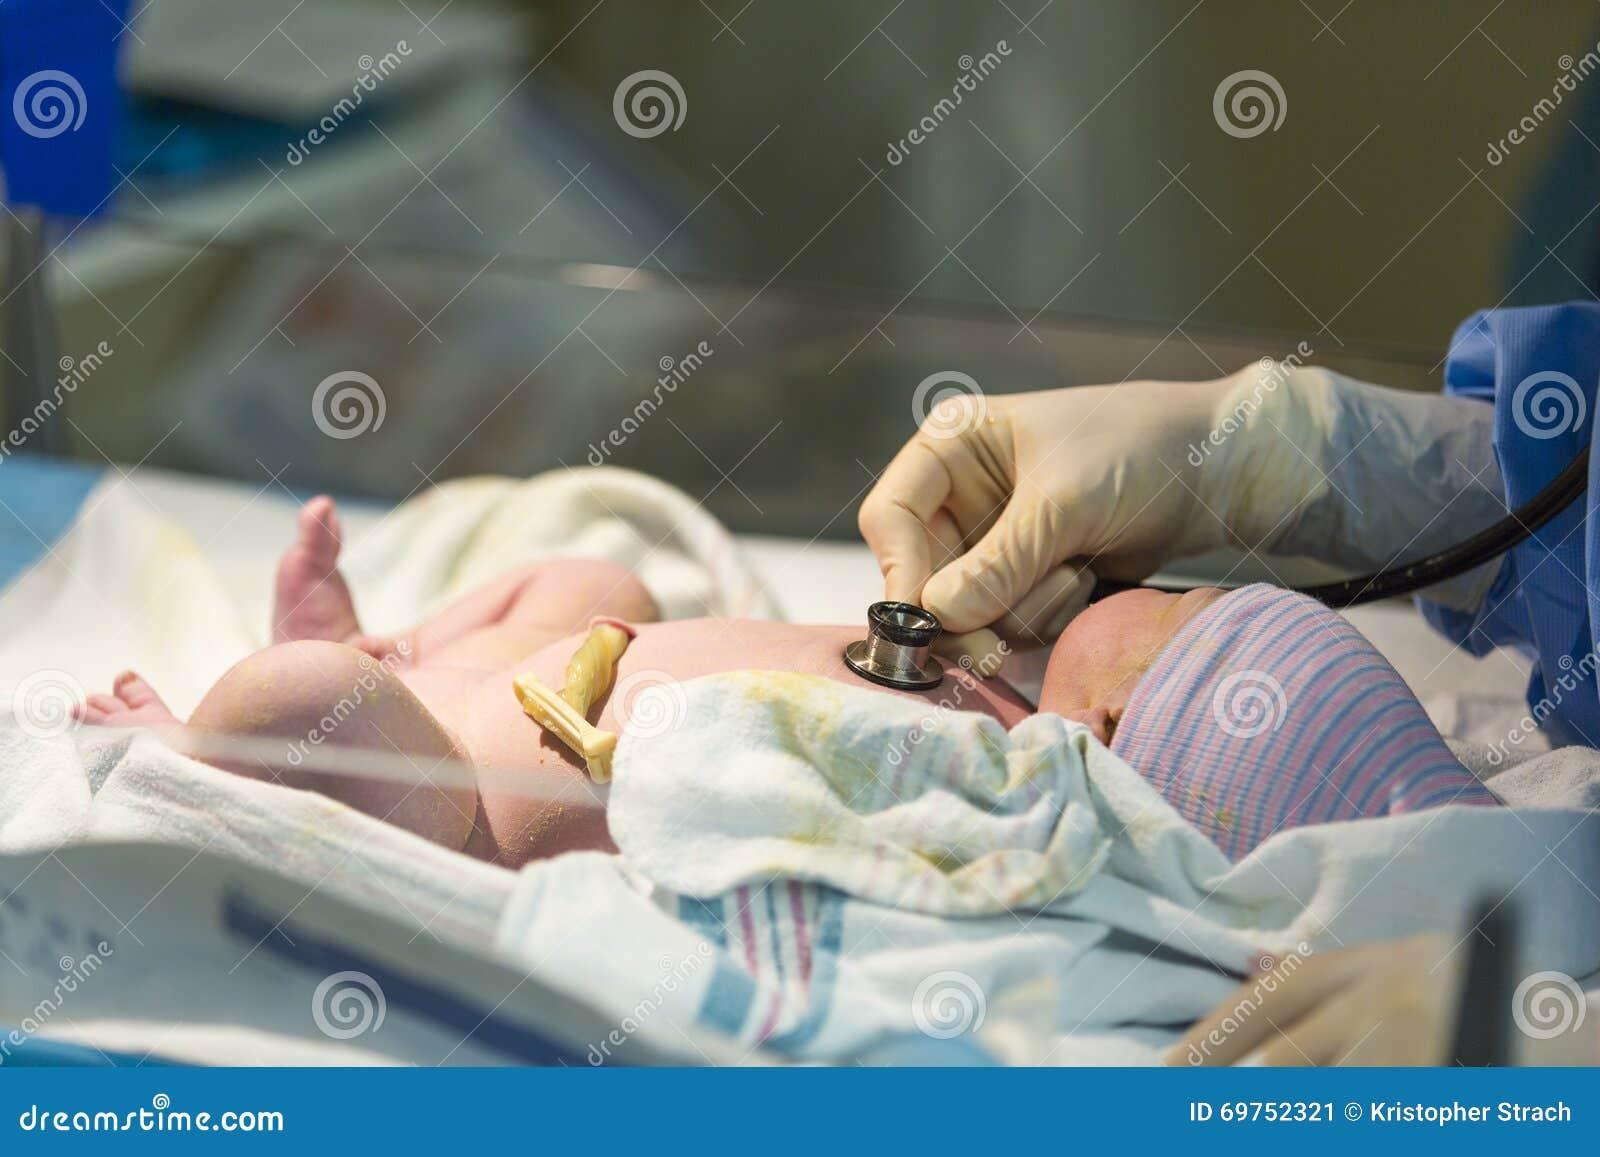 Neugeborenes männliches Baby, das mit Stethoskop überprüft wird